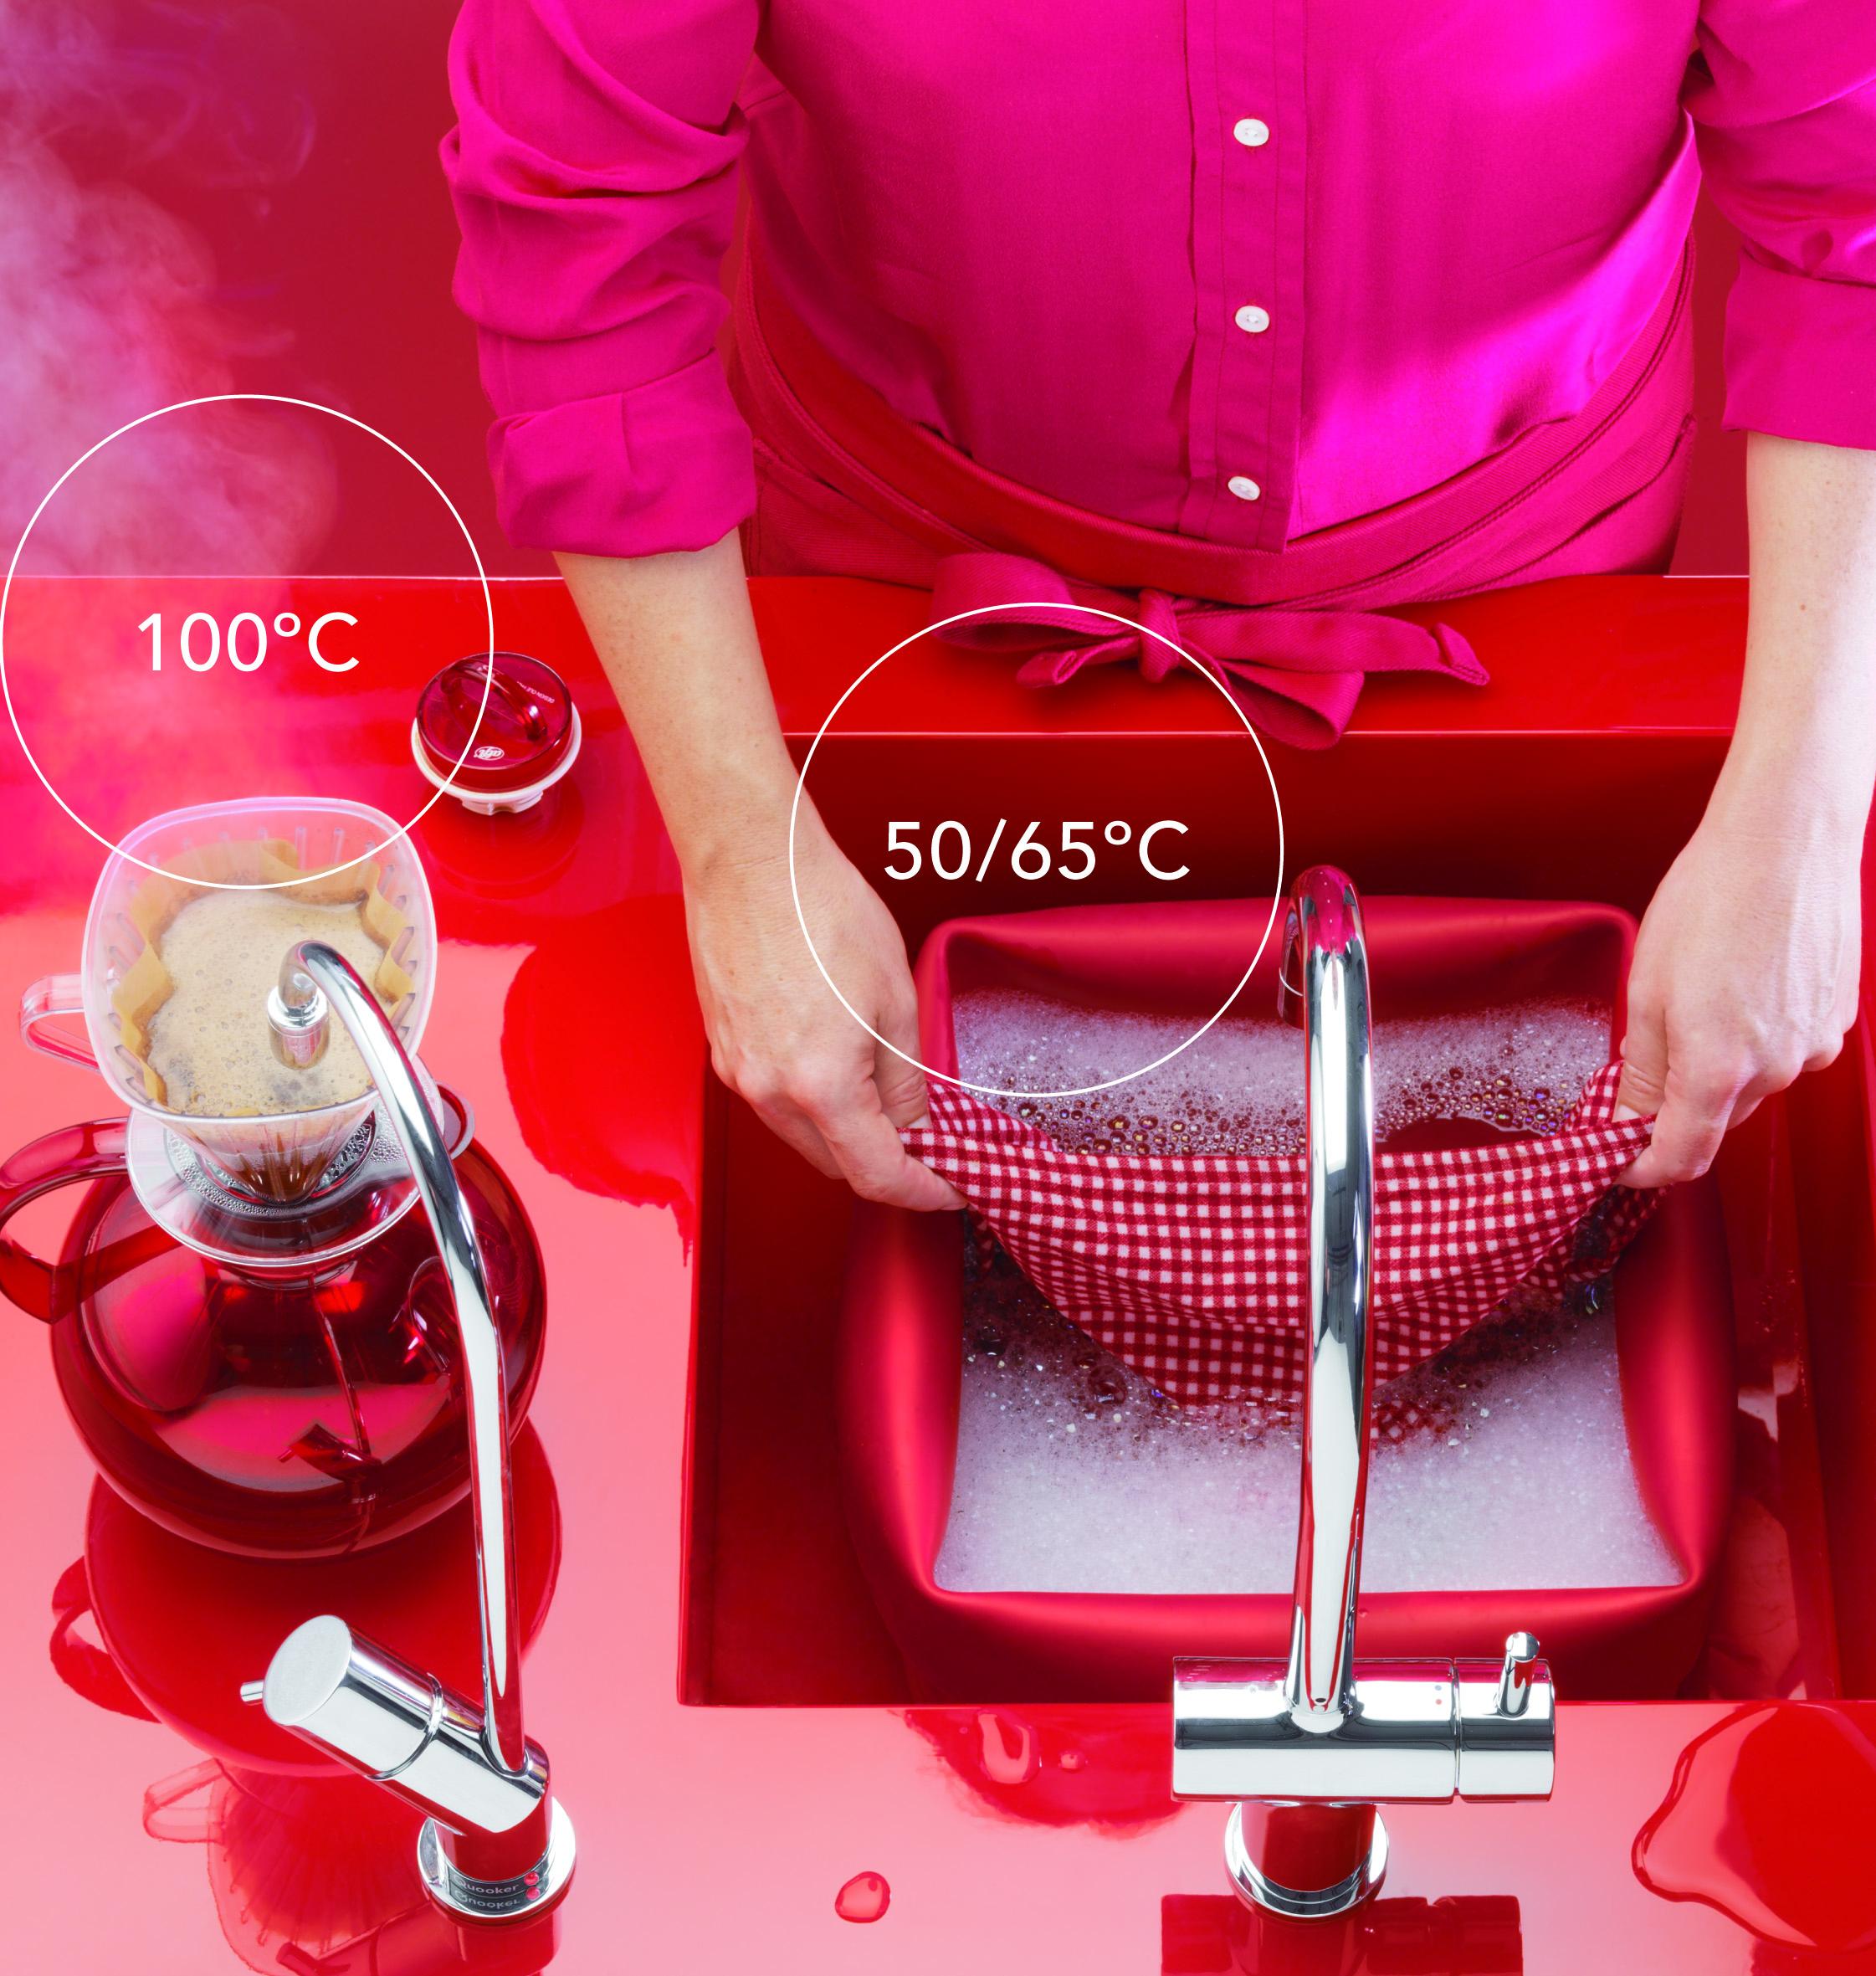 Keuken Drachten Quooker : Quooker kokend-water-kraan – Keuken Drachten